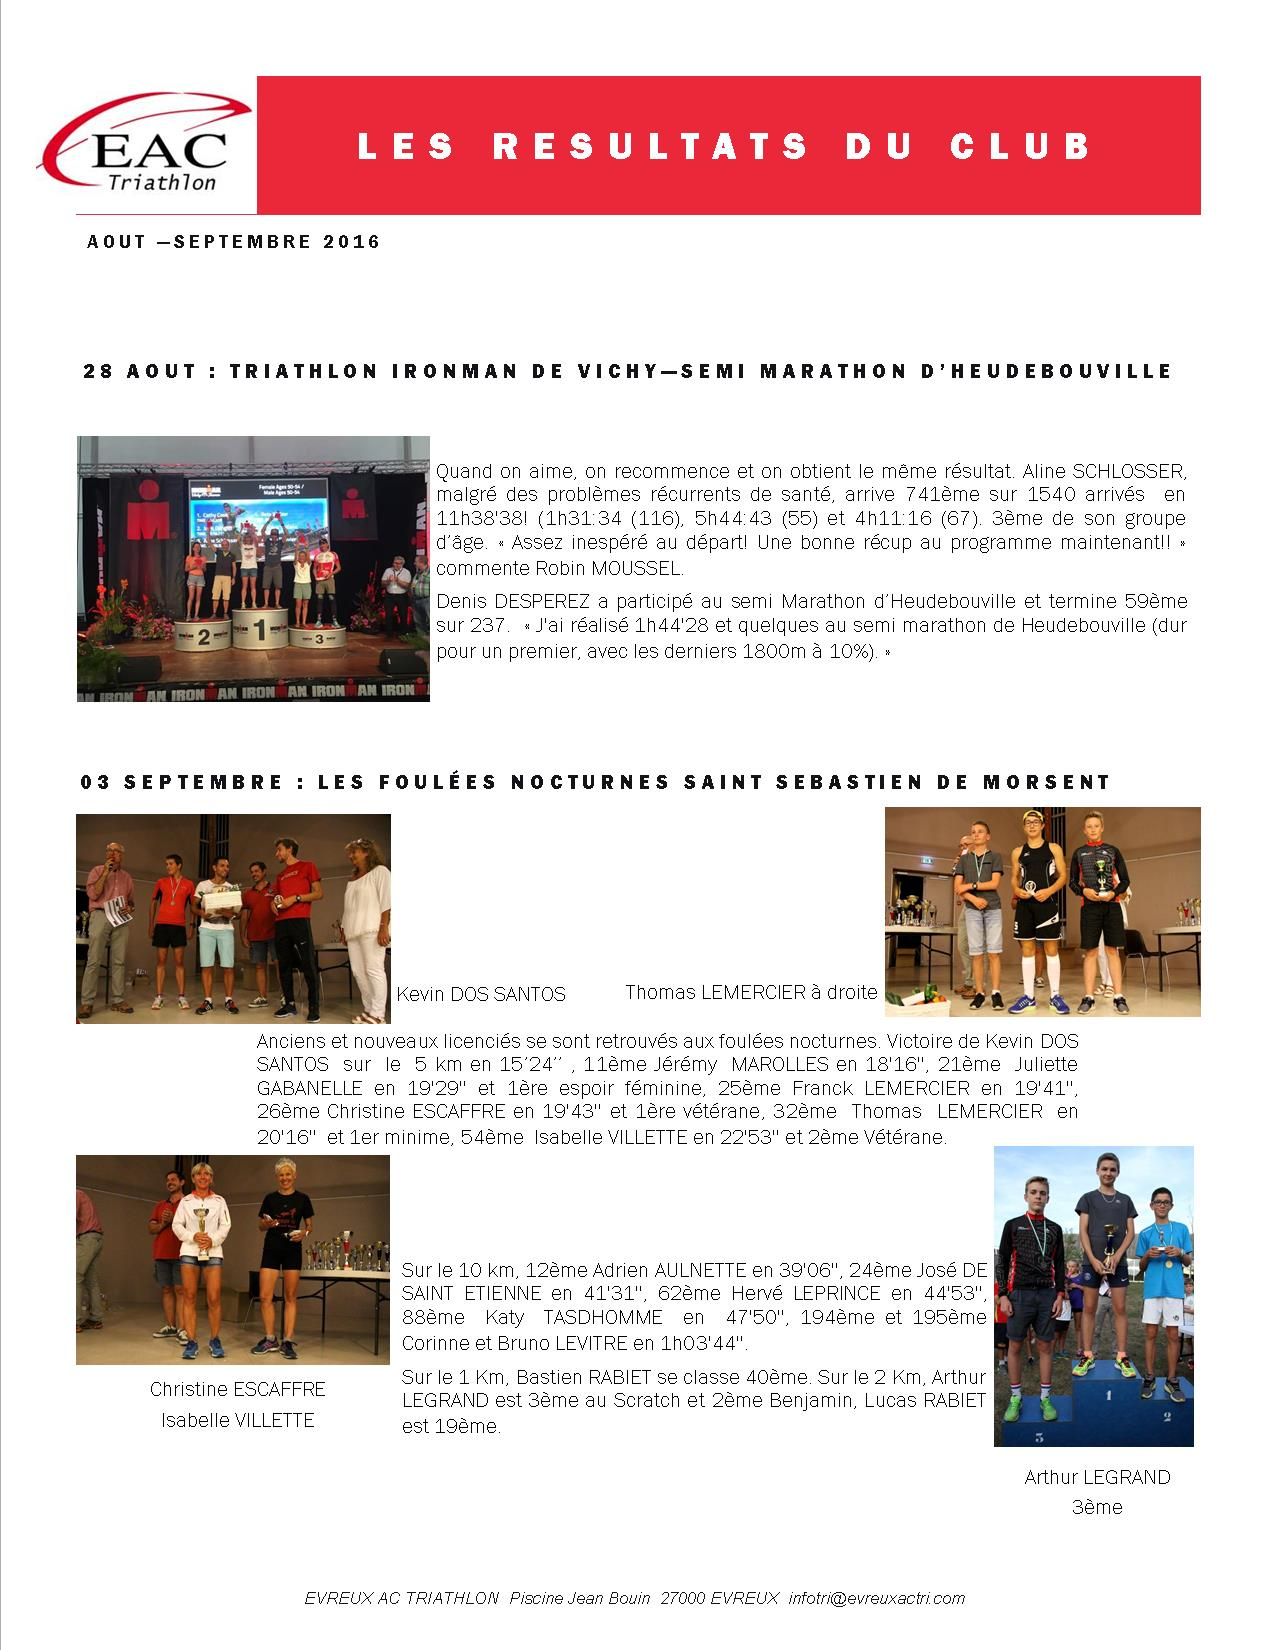 Bienvenue sur le site eac triathlon raid for Piscine jean bouin evreux